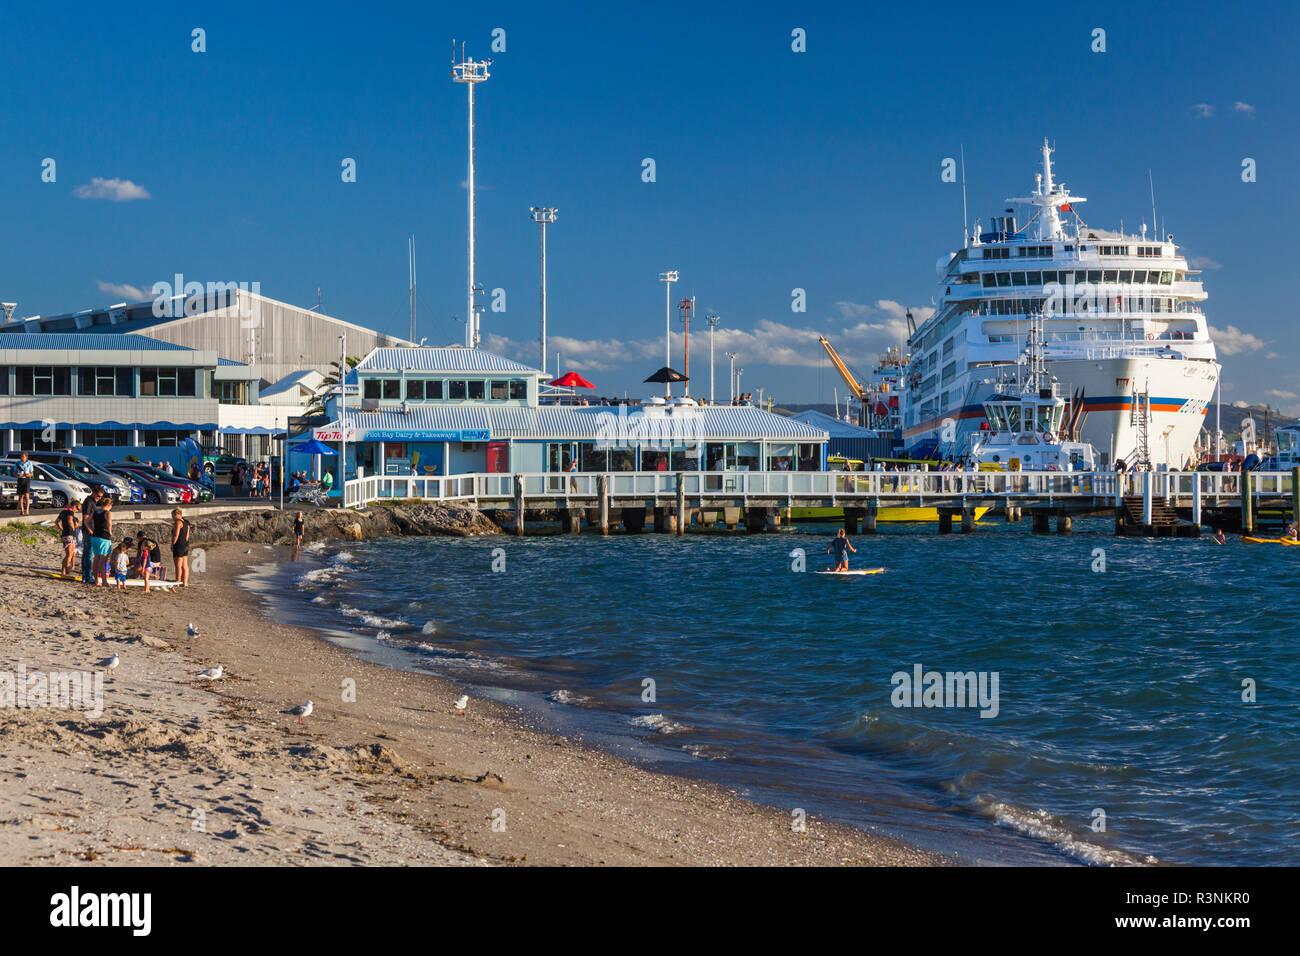 New Zealand, North Island, Mt. Manganui. Portside cruise ship - Stock Image